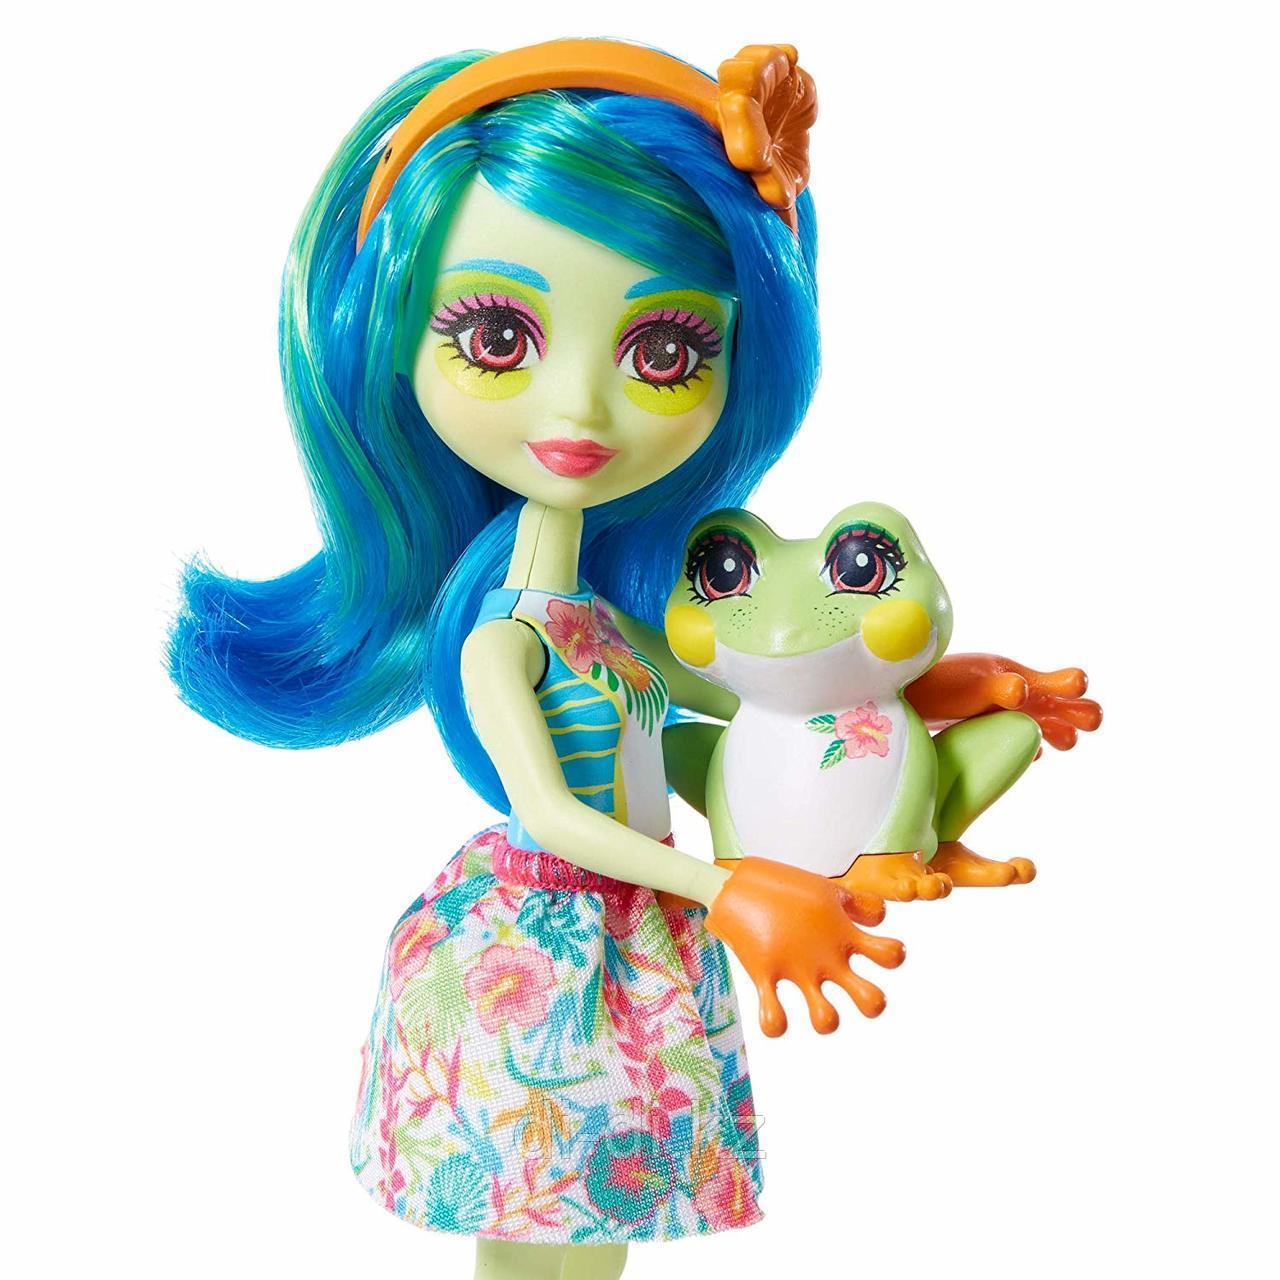 Кукла Enchantimals Тамика Квакша с любимой зверюшкой, 15 см - фото 2